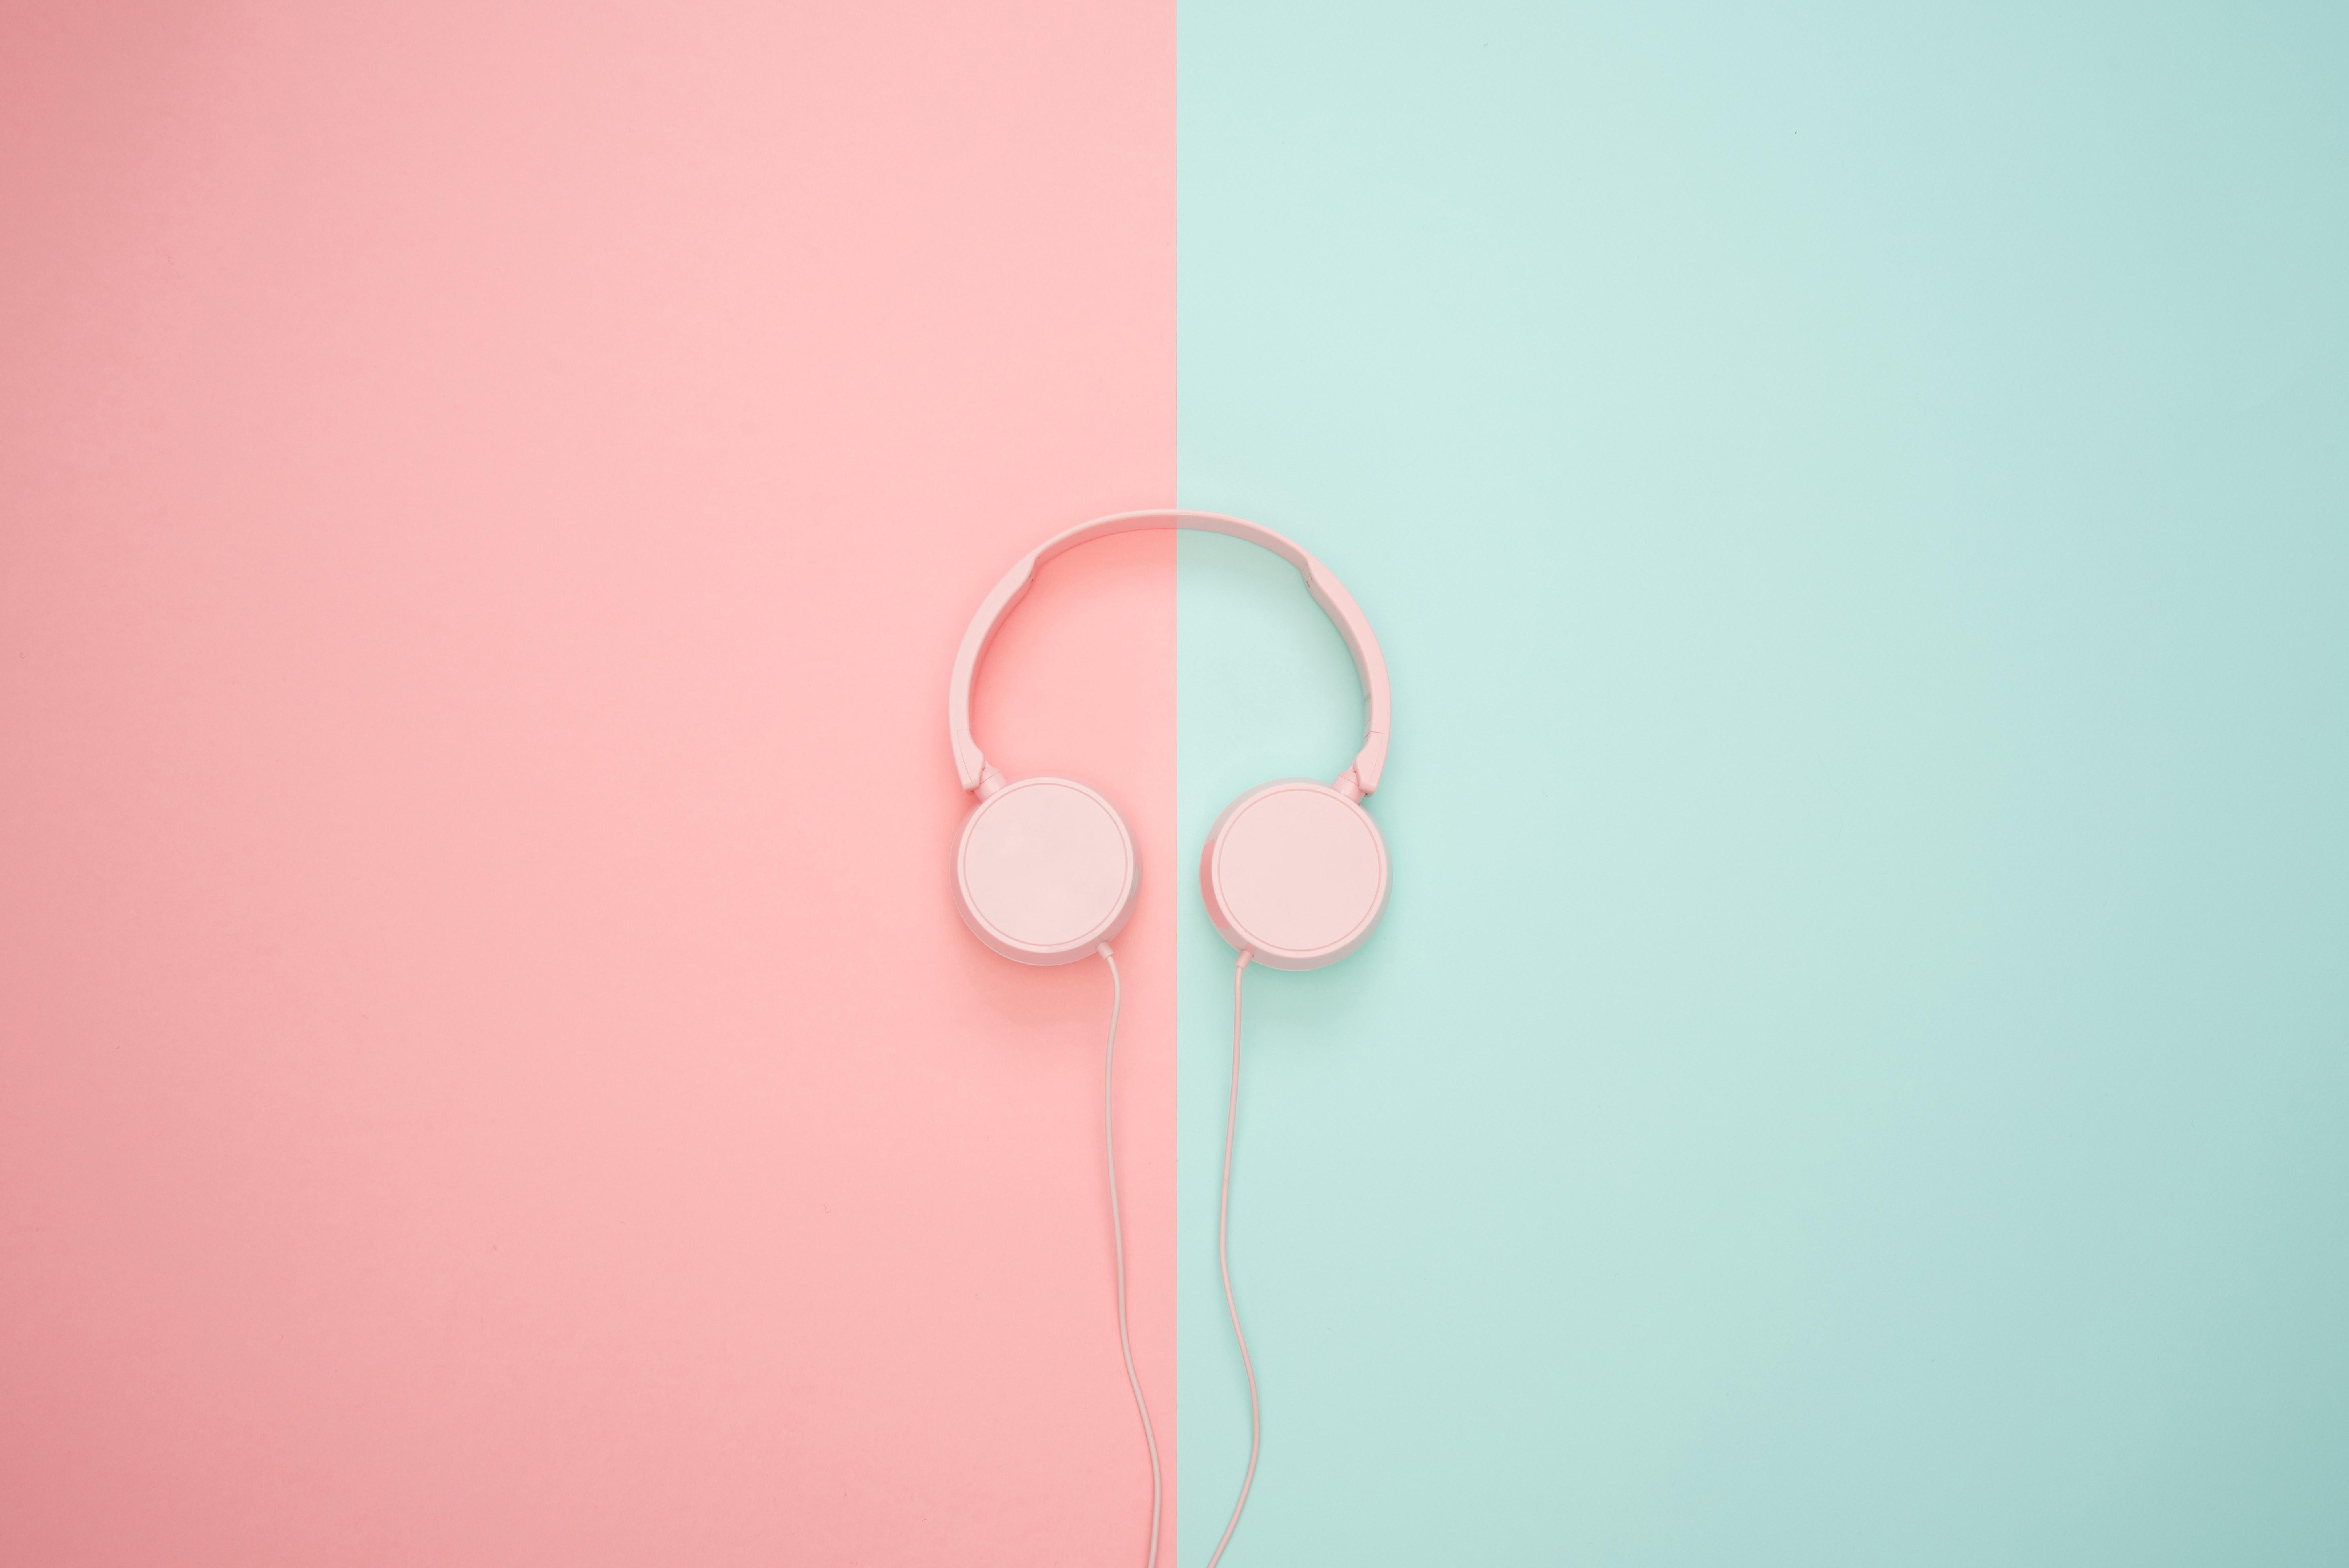 hình ảnh chiếc tai nghe màu hồng